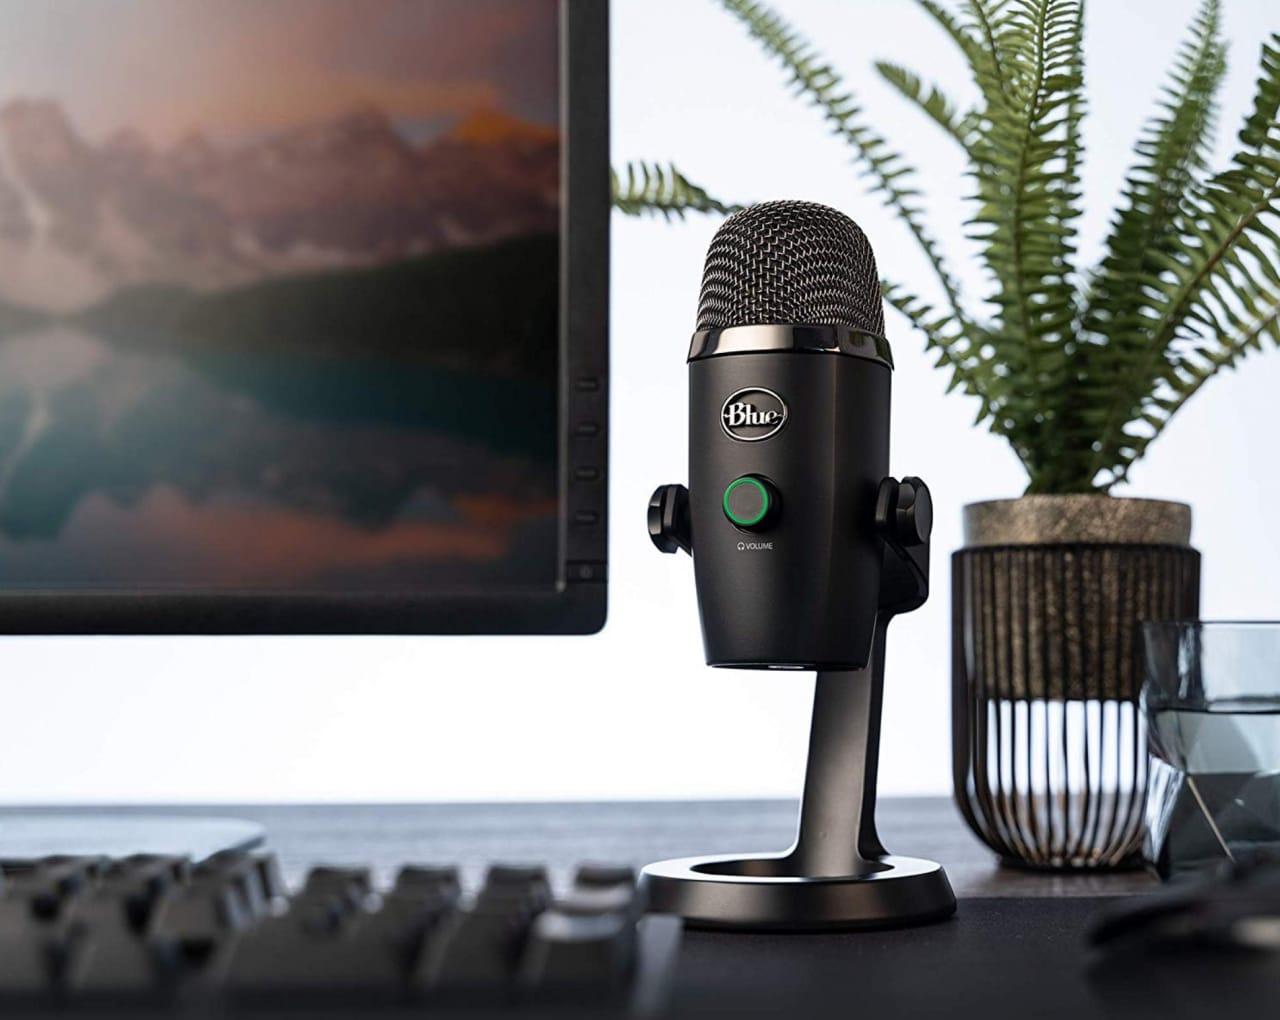 Offerte lampo per i microfoni Audio-Technica e Blue Yeti su Amazon: perfetti per i podcaster